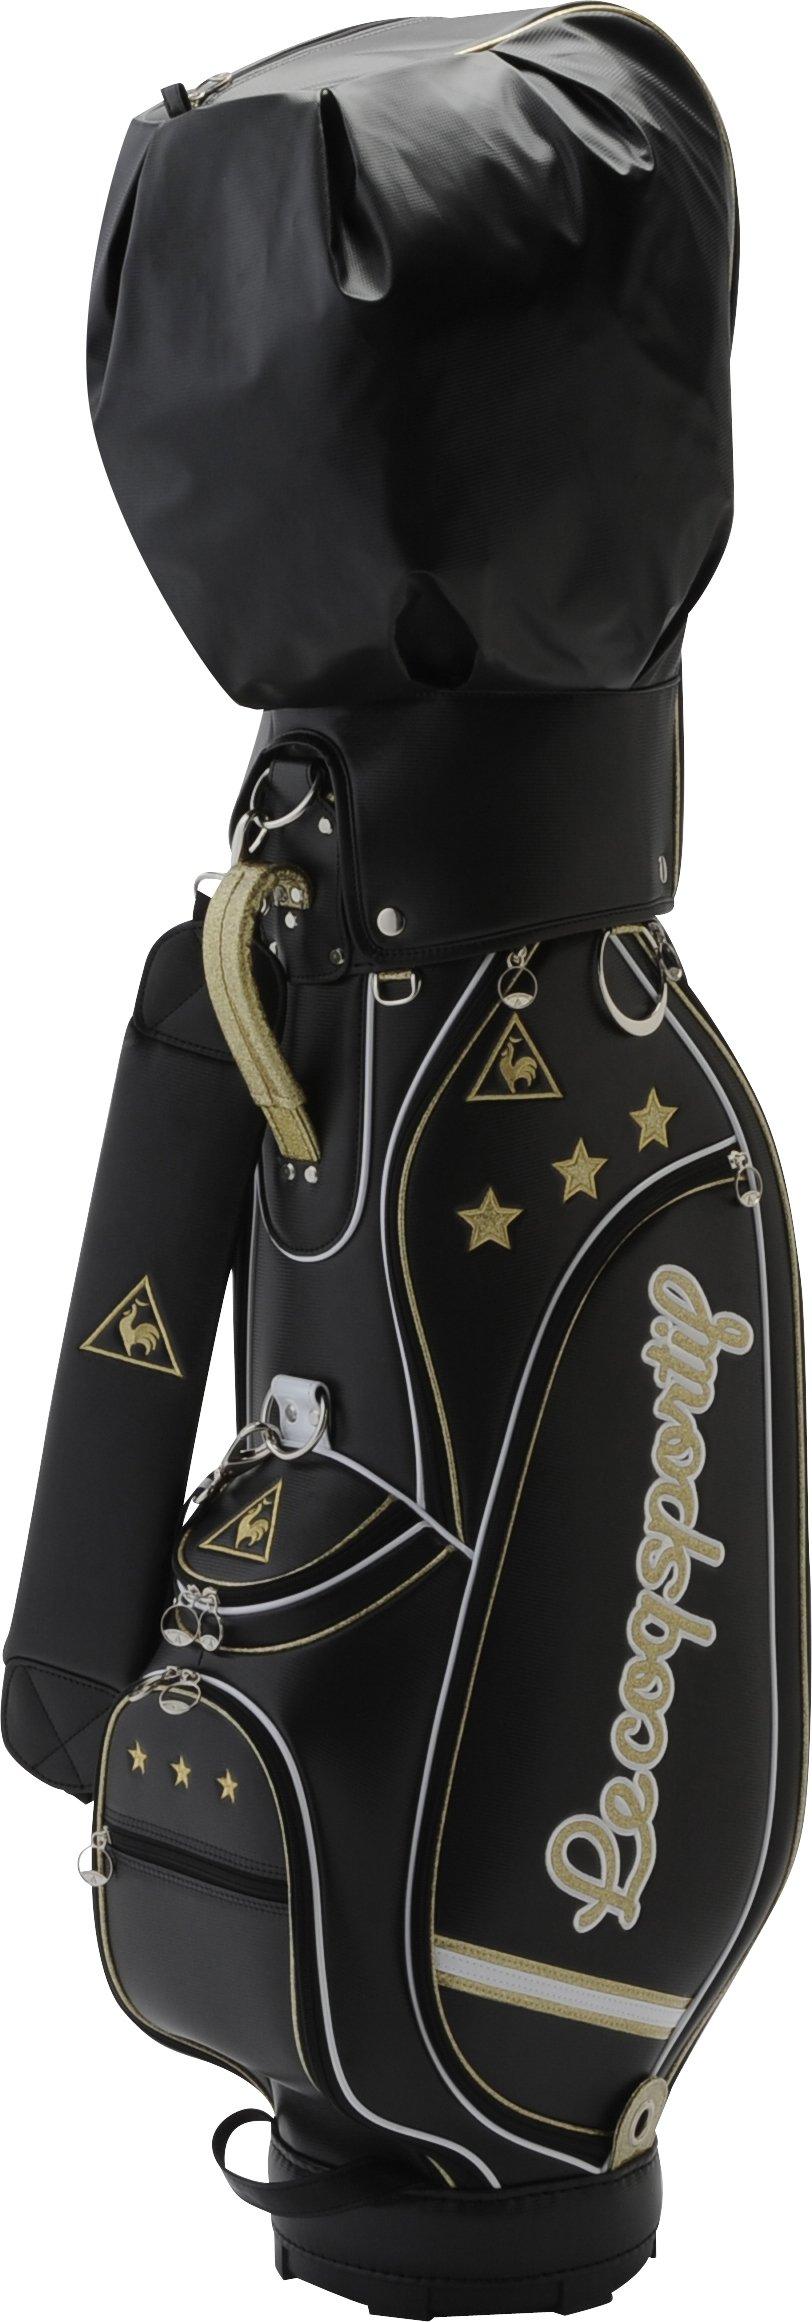 le coq sportif golf QQL1102 N100 BLK Black Ladies Club Caddy Bag S 3.2kg 8.5-46 inch 2015